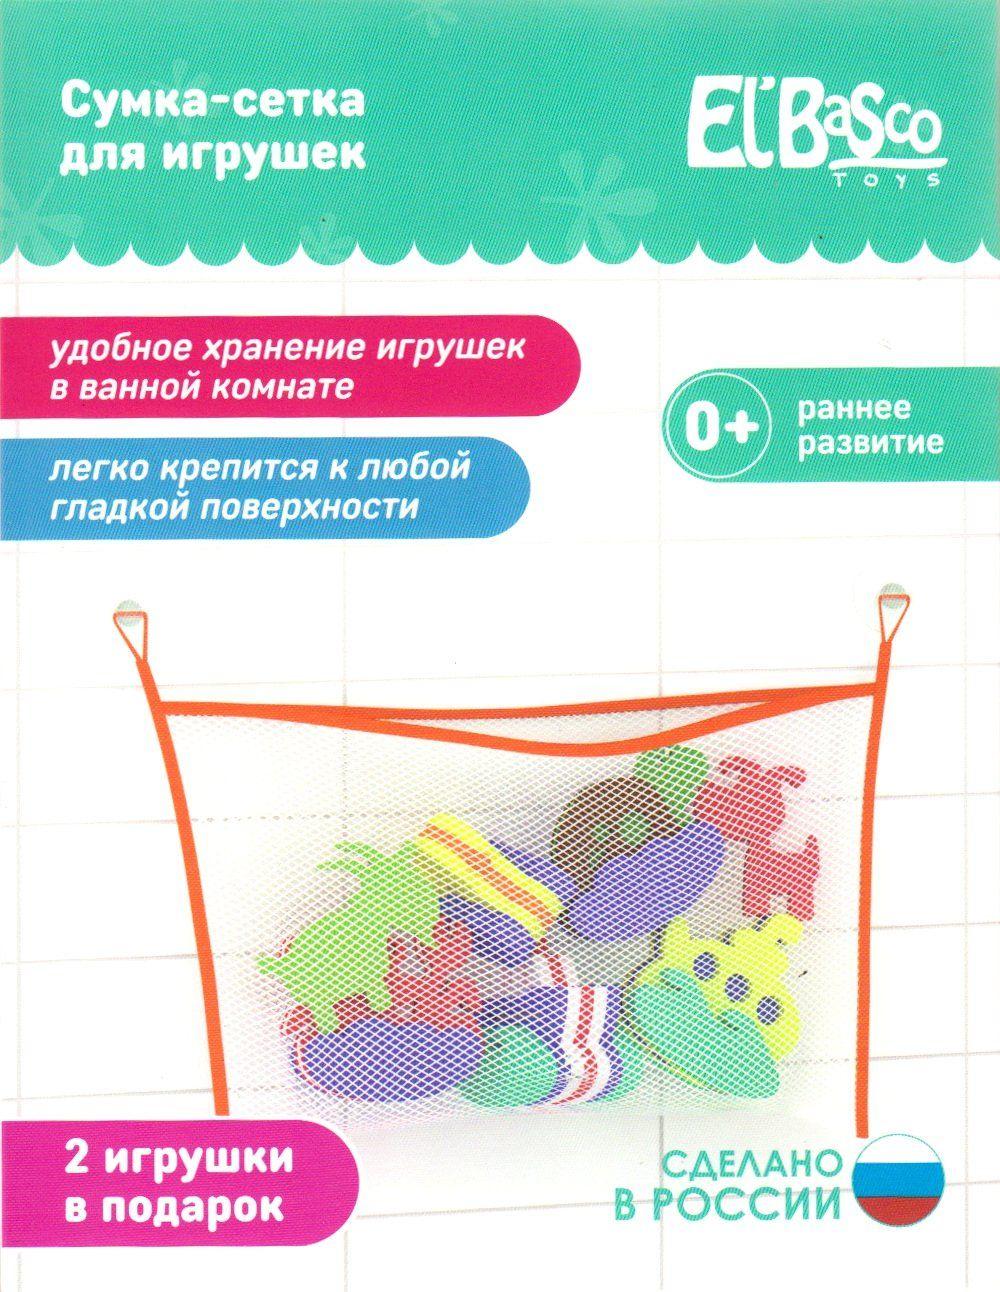 Сумка-сетка для игрушекЗанятия с детьми дошкольного возраста<br>Сетчатая сумочка для хранения игрушек для купания. Сетку можно прикрепить к кафельной стене ванной благодаря удобным присоскам. Материал: полиэстер, ПВХ, EVA.В комплекте сумка-сетка, 2 присоски, 2 игрушки.<br><br>Год: 2017<br>Высота: 220<br>Ширина: 170<br>Толщина: 30